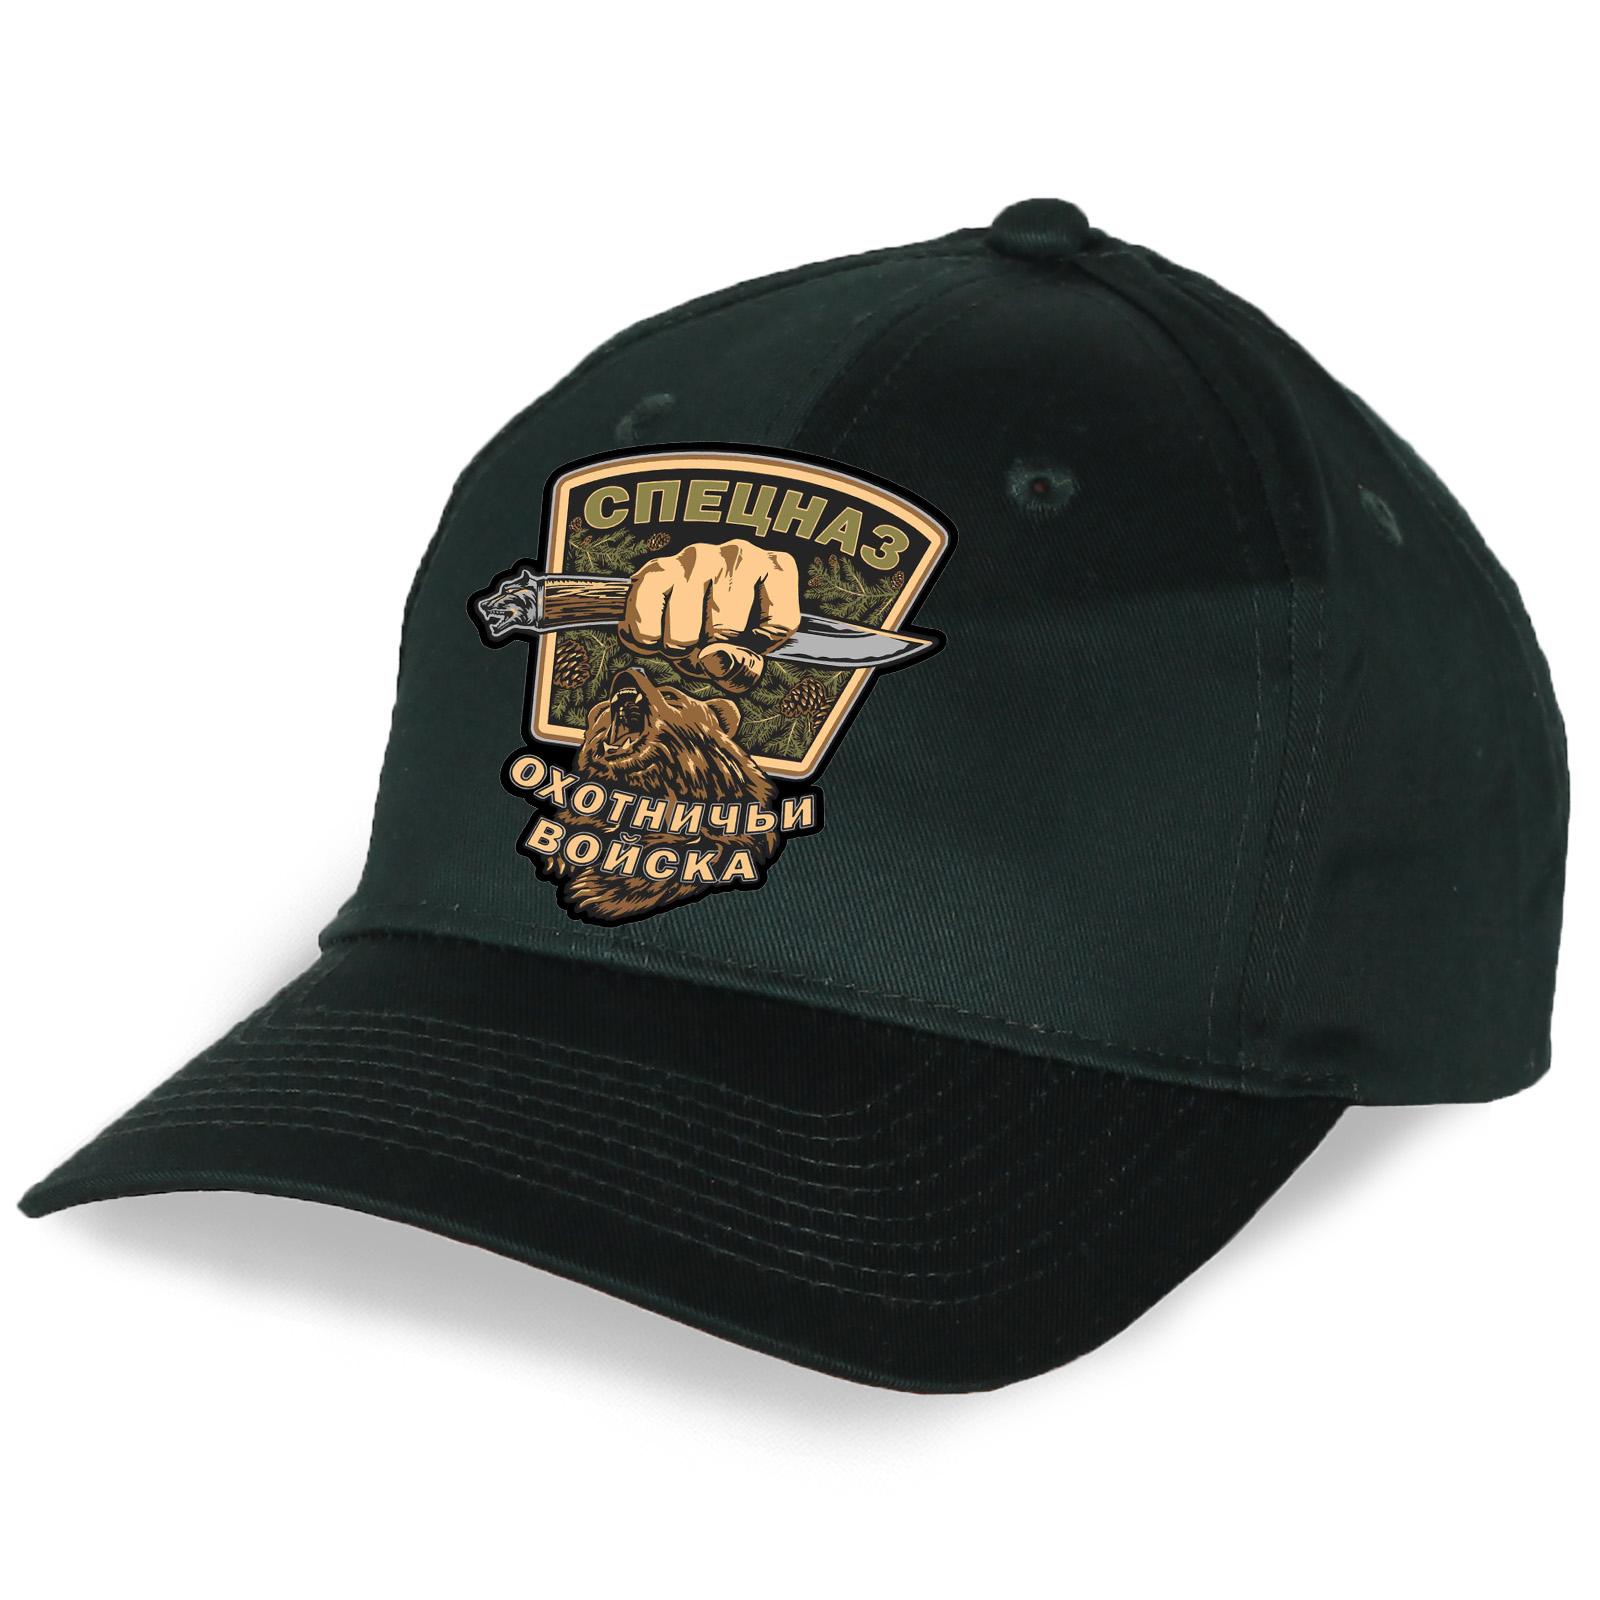 """Черная кепка охотника  """"Охотничий Спецназ"""" - купить онлайн"""